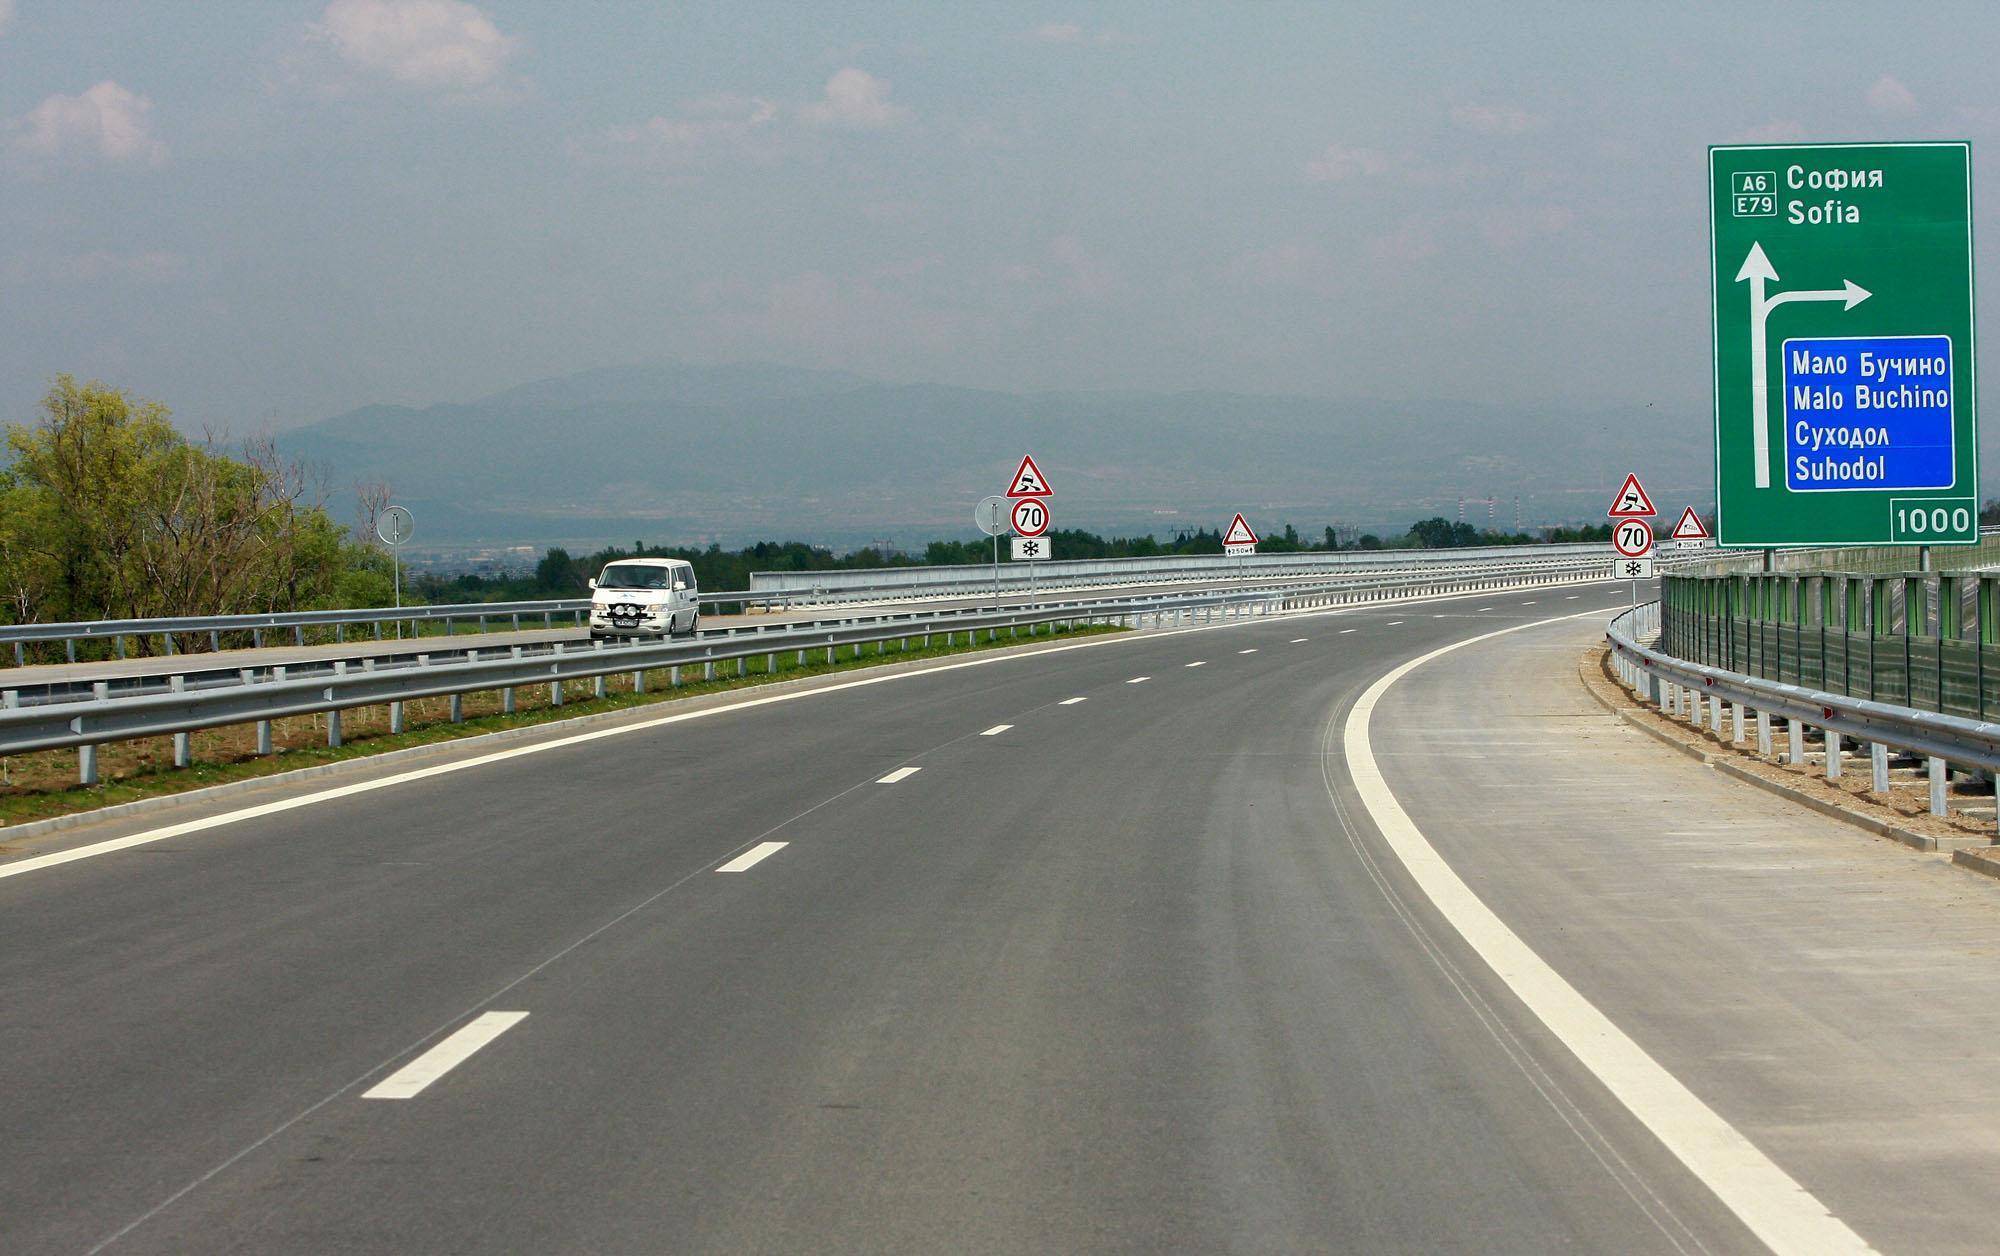 Разрешават 140 км/час по магистрала, но само в новите участъци